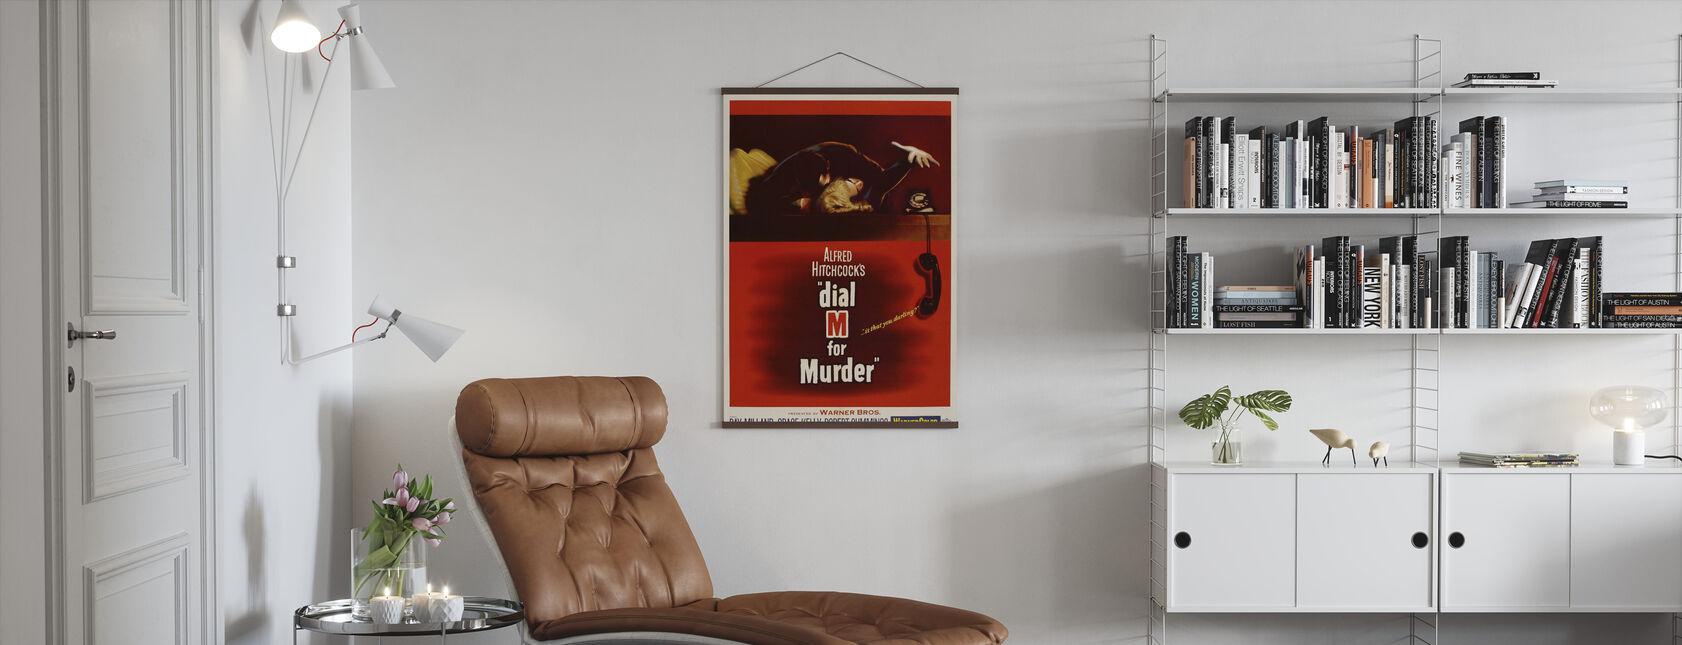 Kies M voor moord - Poster - Woonkamer